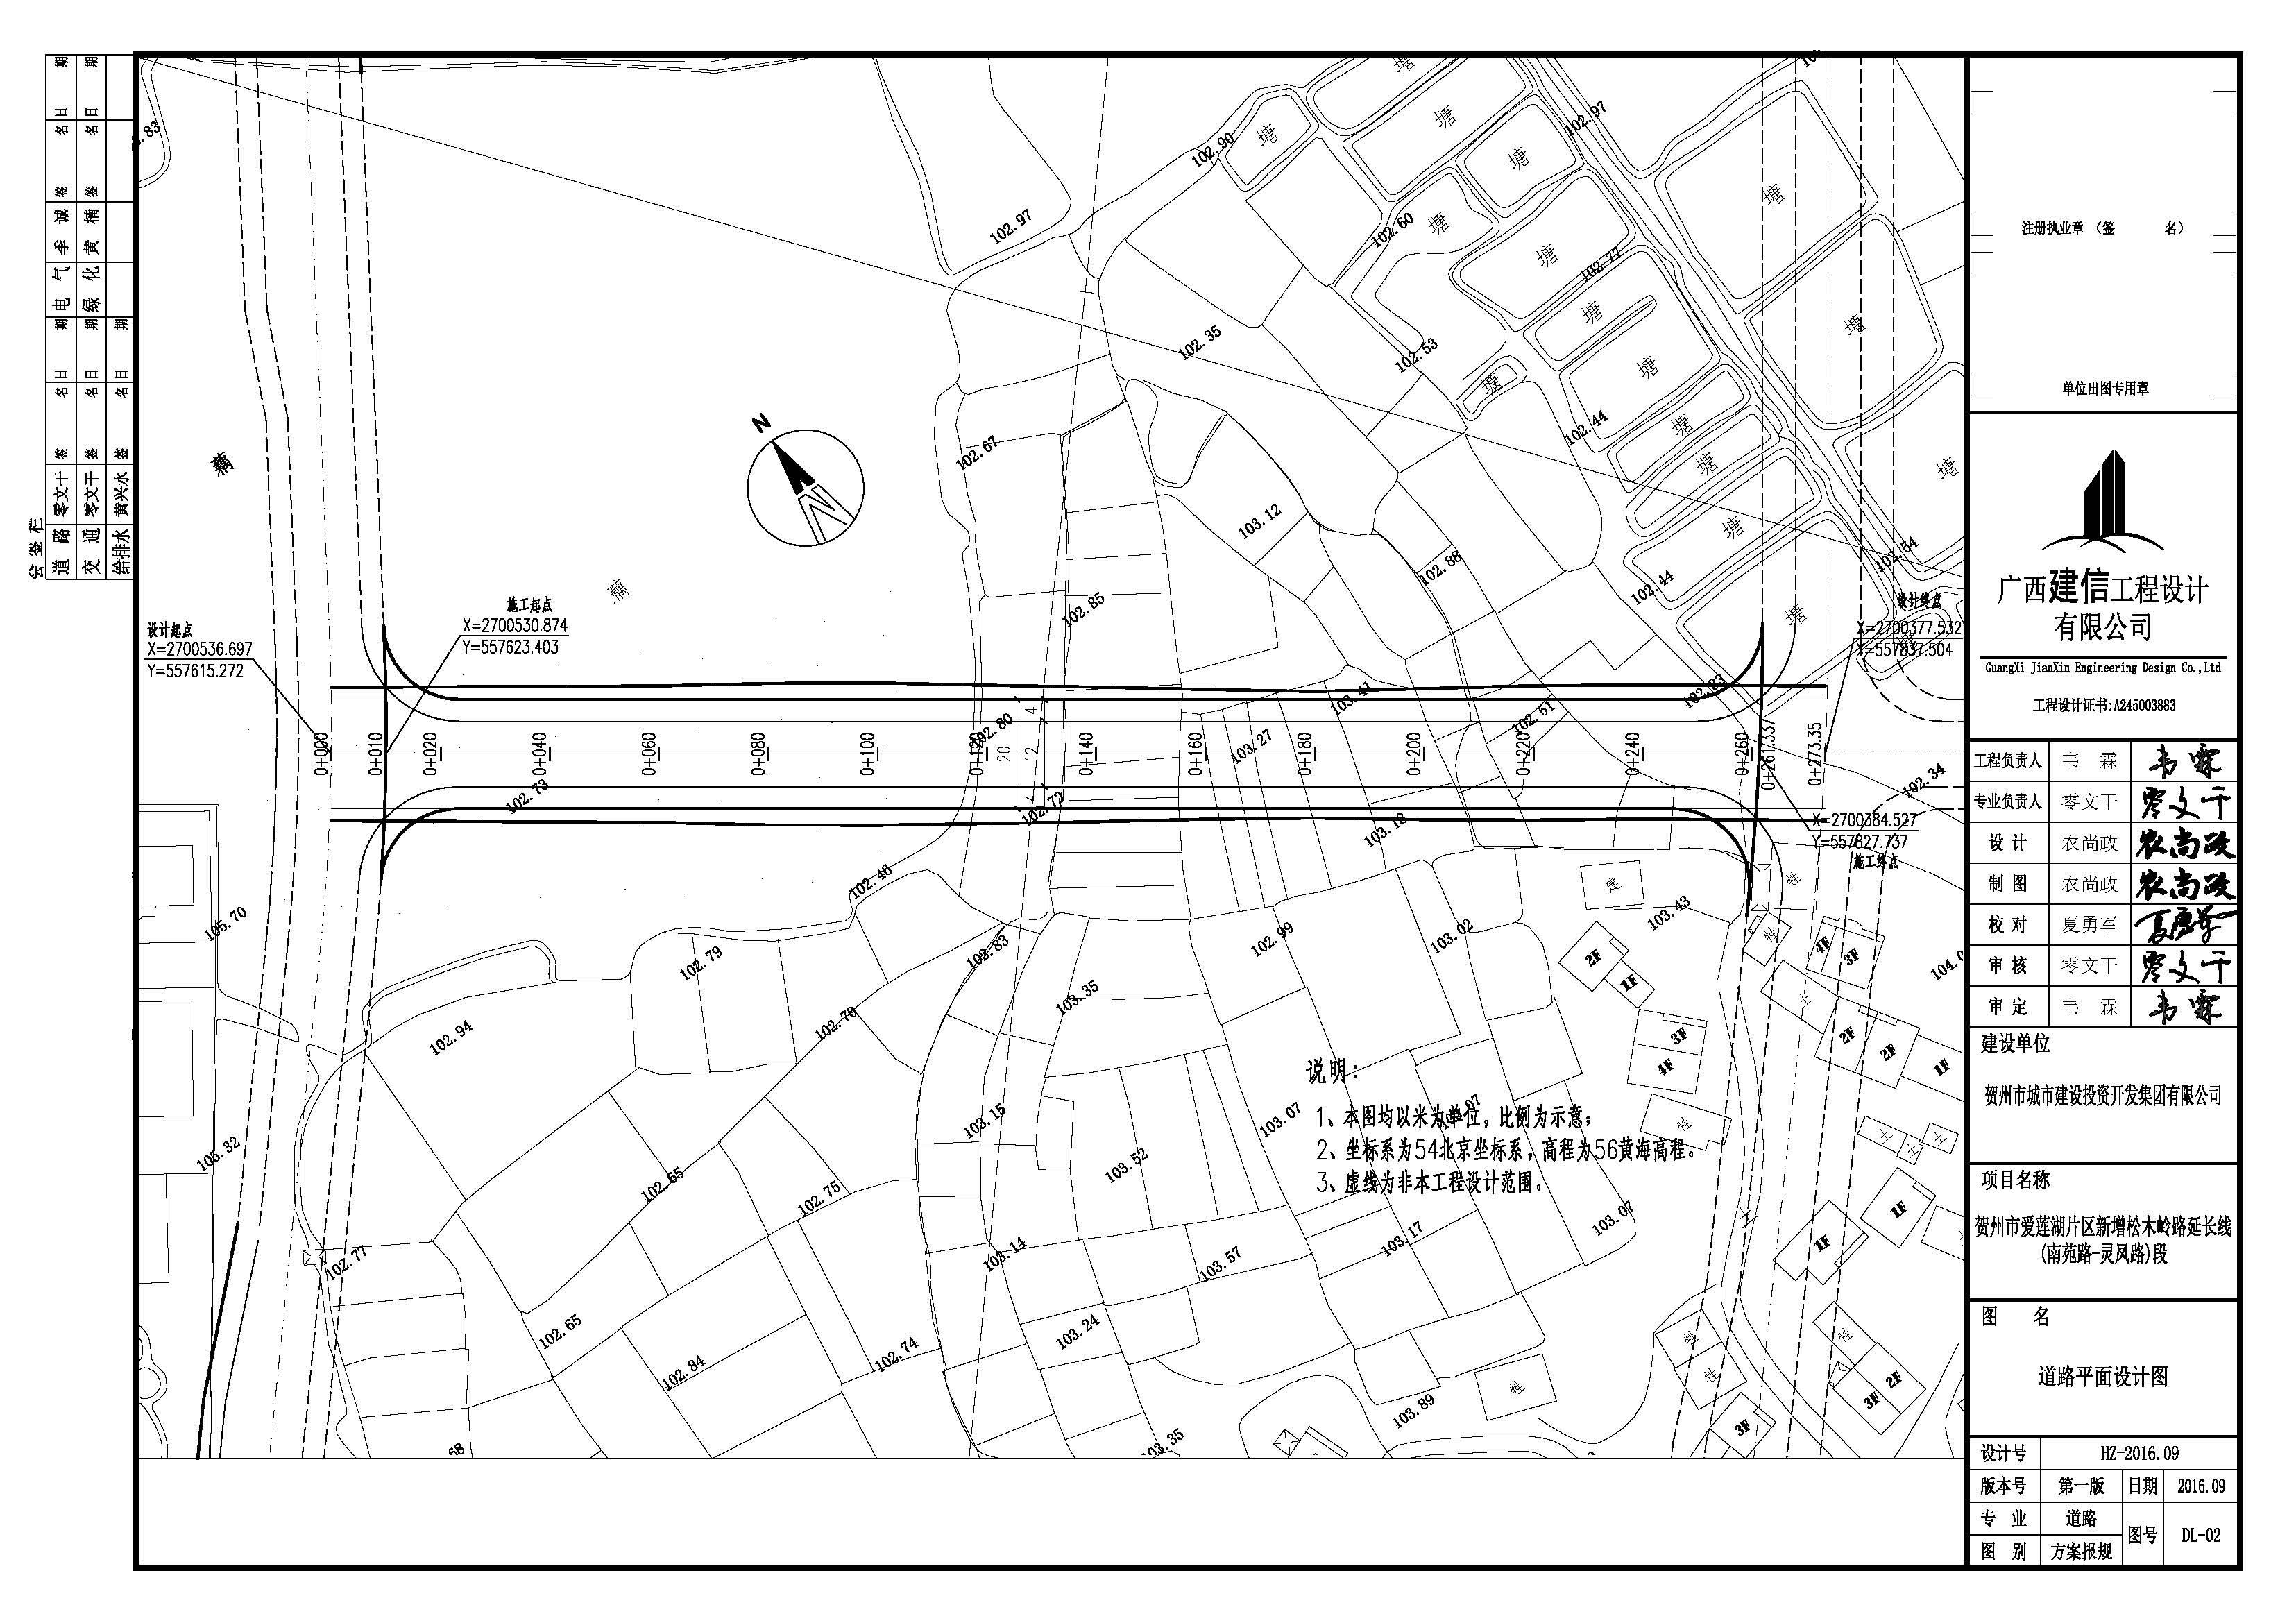 道路平面设计图.jpg